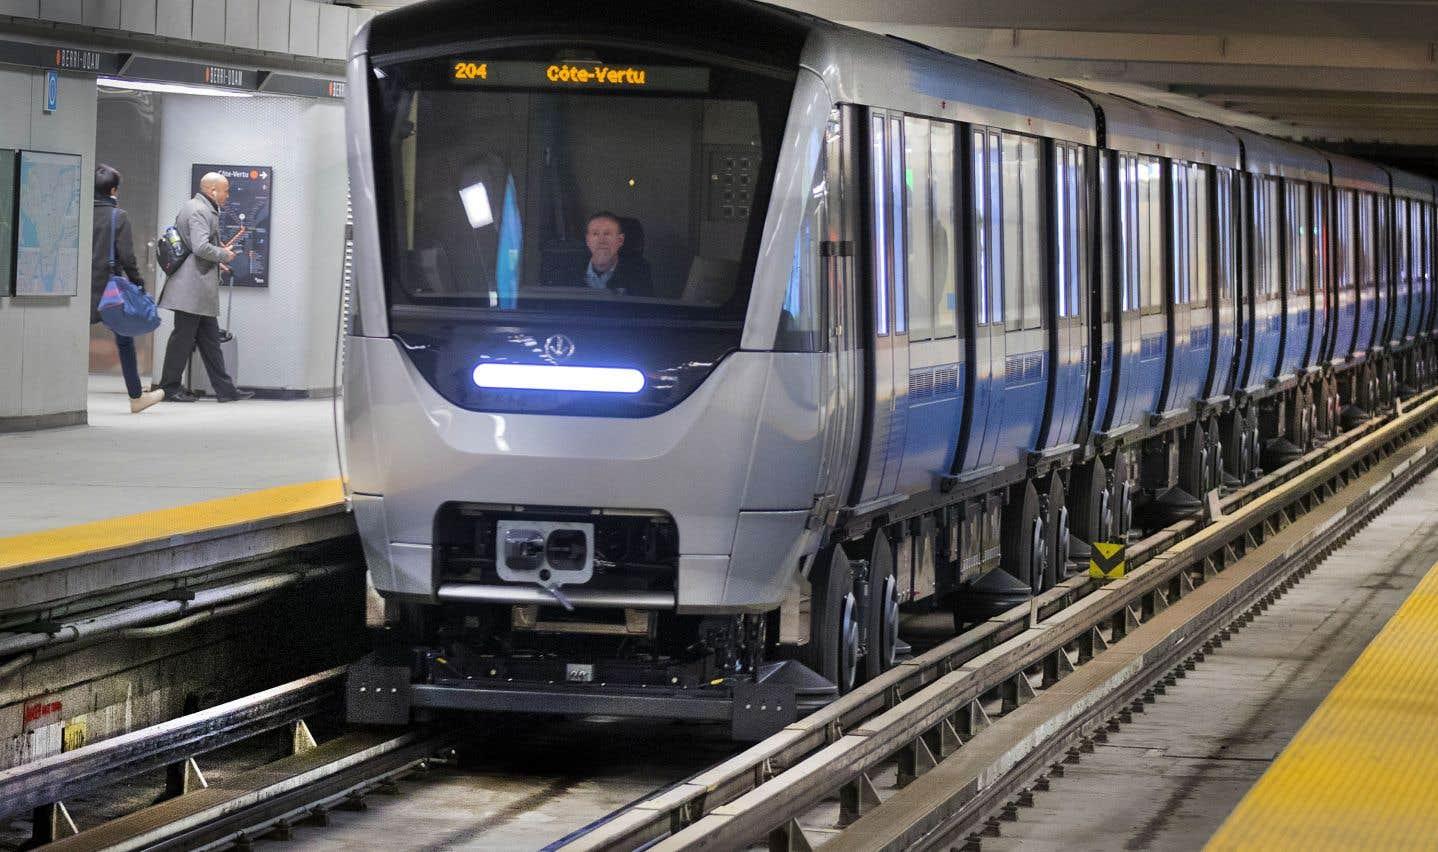 Le contrat pour les 468 voitures Azur du métro de Montréal prendra fin en novembre, a souligné le maire de La Pocatière, Sylvain Hudon.